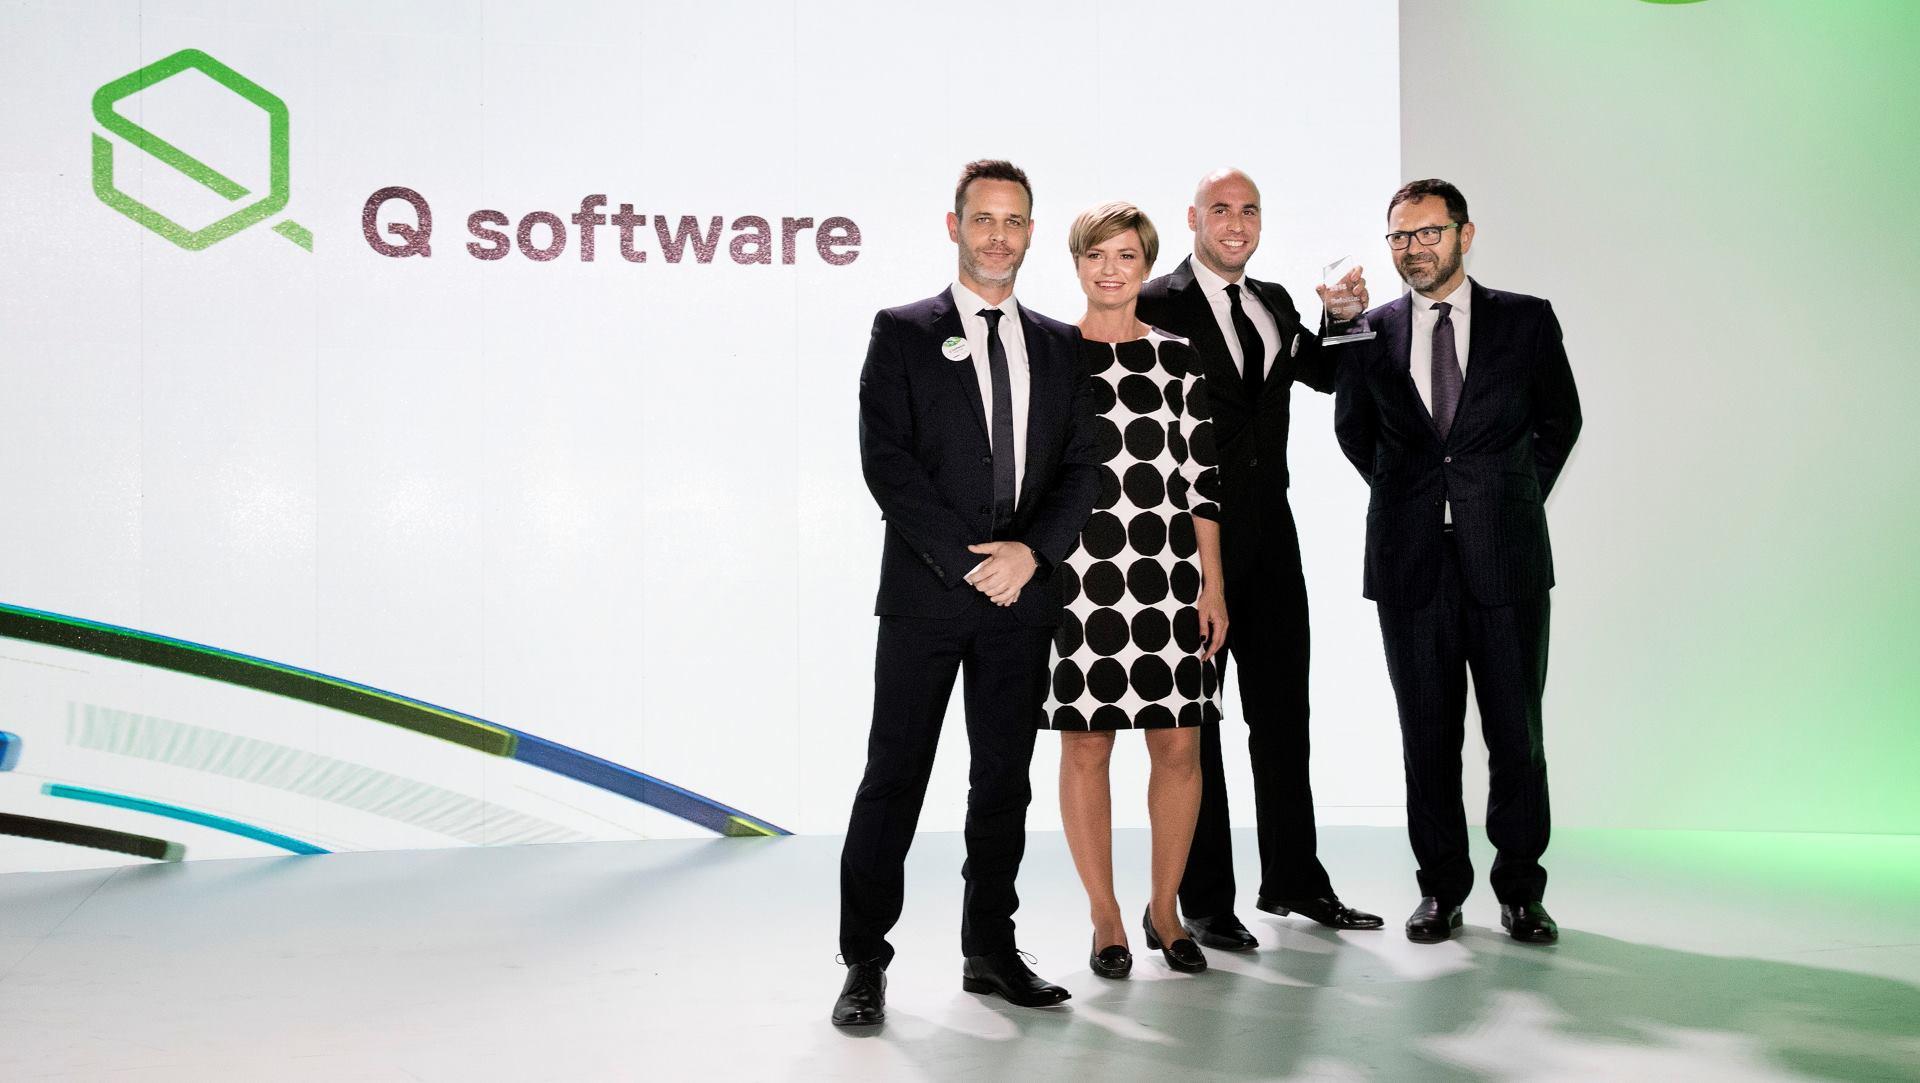 Hrvatska tvrtka Q Software treća je najbrže rastuća tehnološka tvrtka u Središnjoj Europi